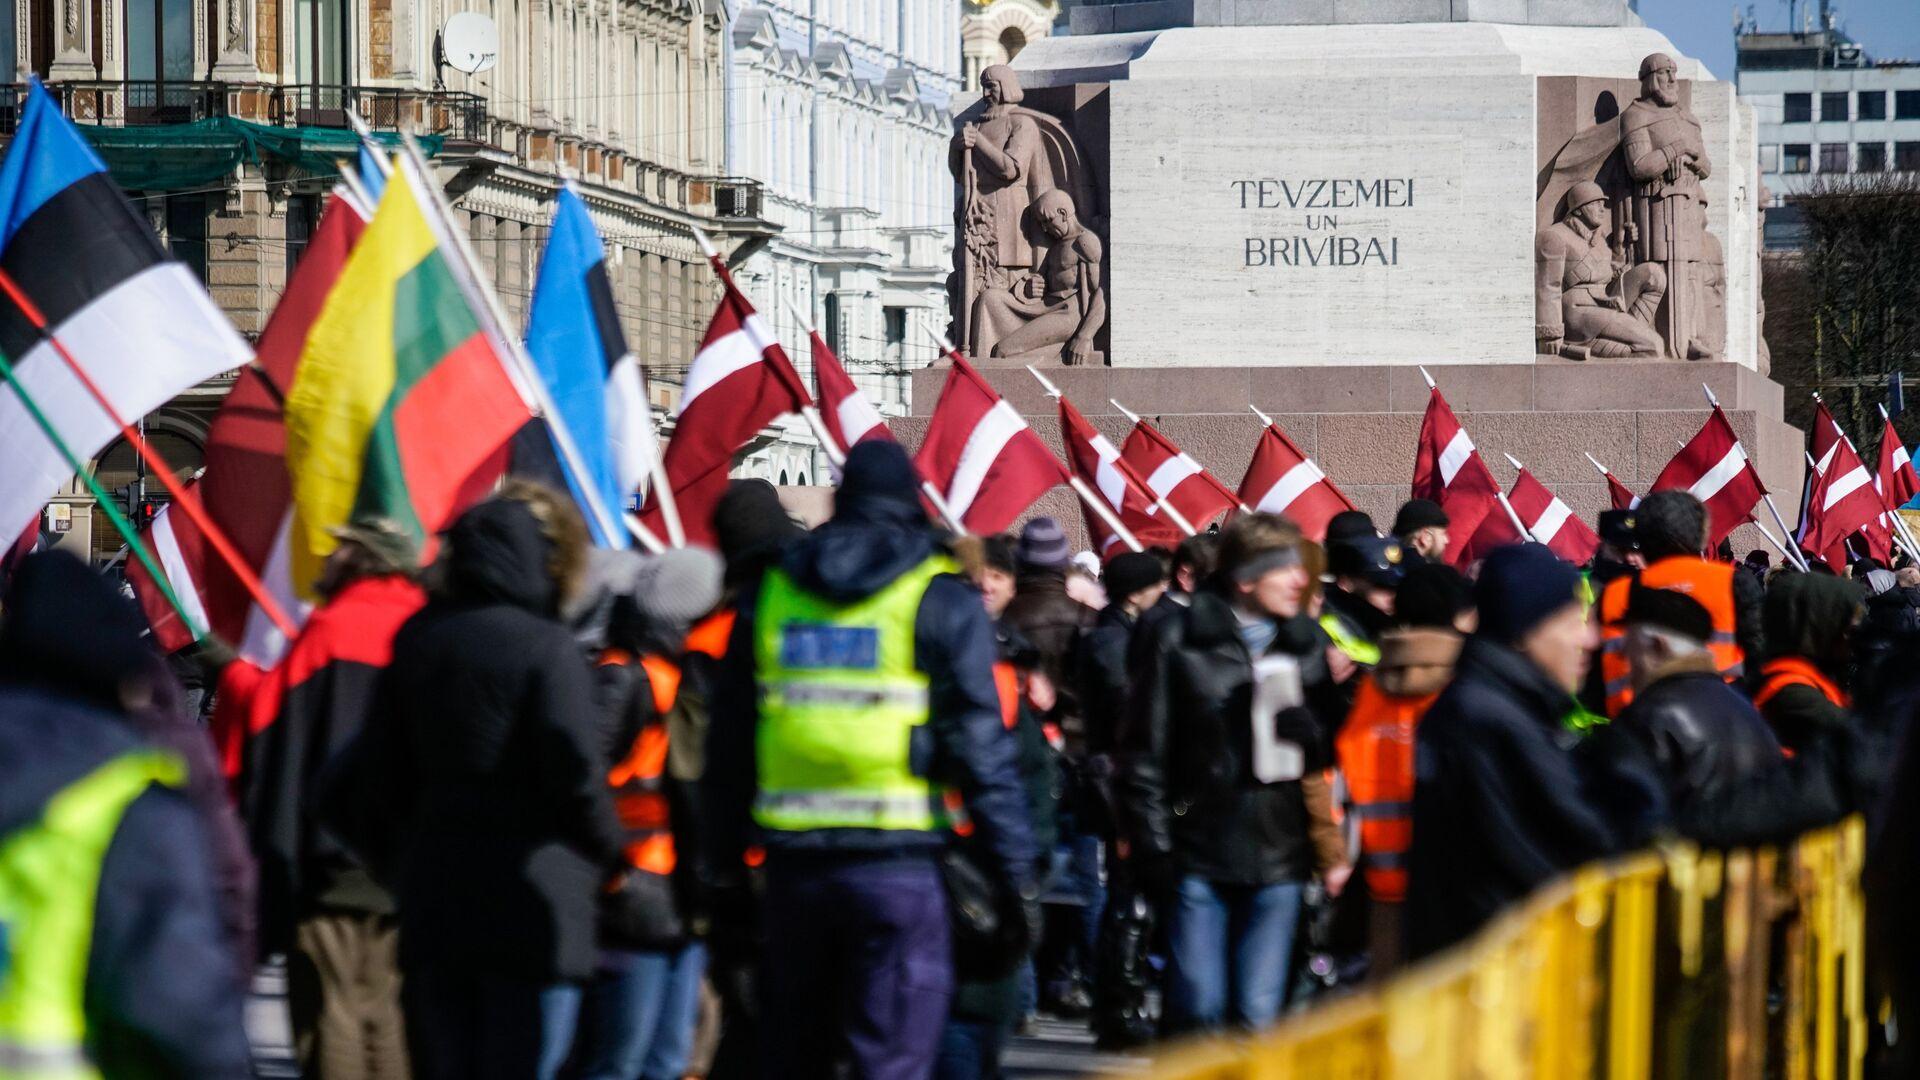 Марш бывших латышских легионеров Ваффен СС в Риге - РИА Новости, 1920, 16.09.2020